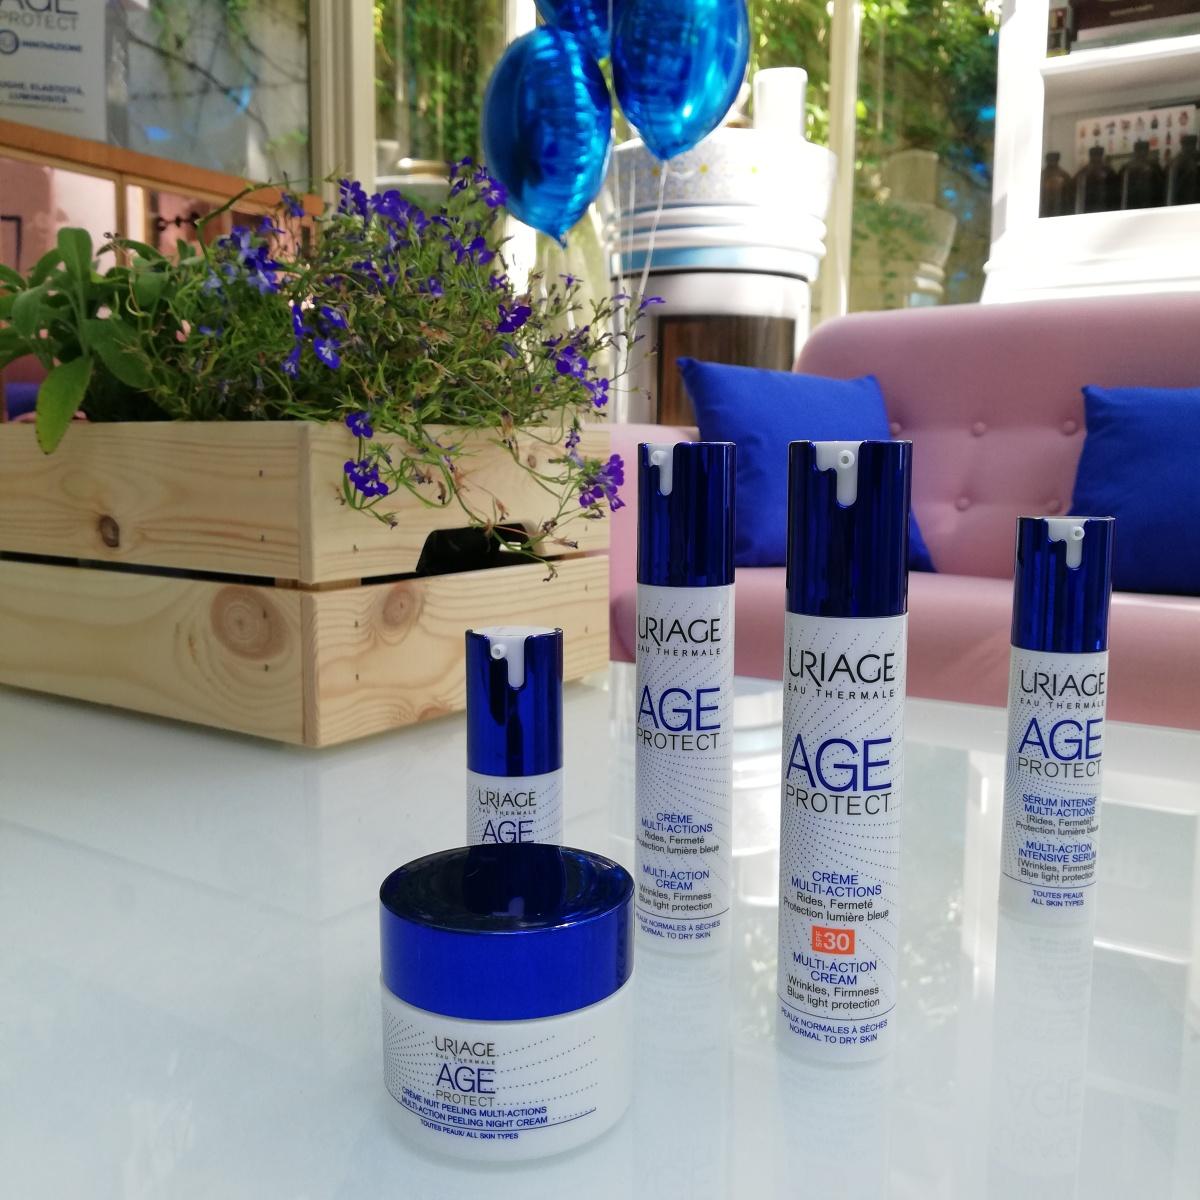 Uriage Age Protect, protezione innovativa contro i danni della luce blu